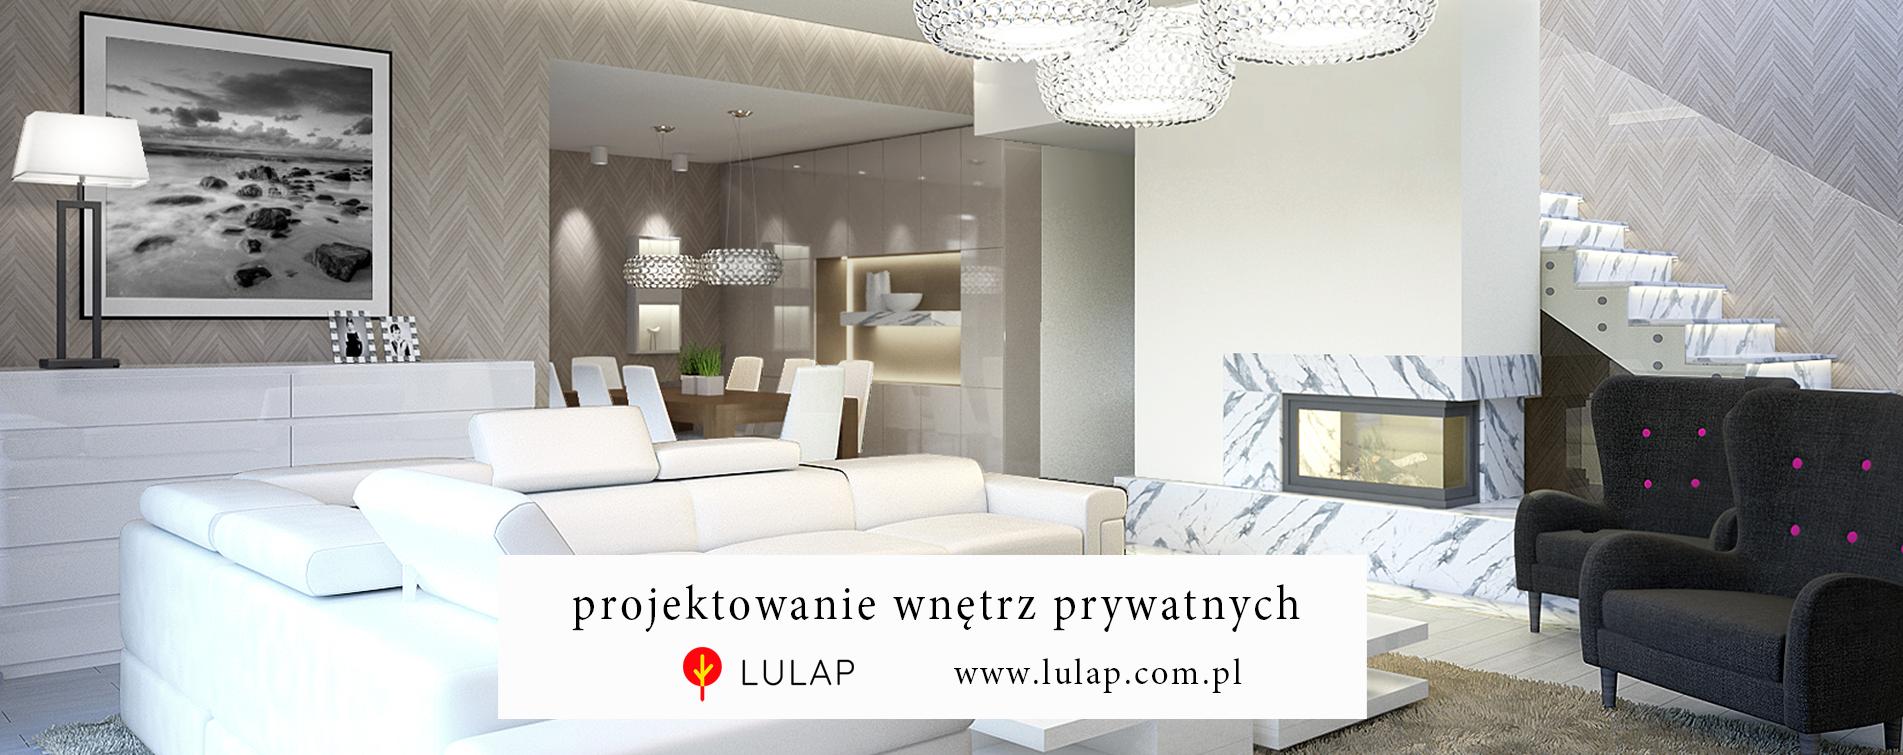 projekty_wnetrz_prywatnych2.png